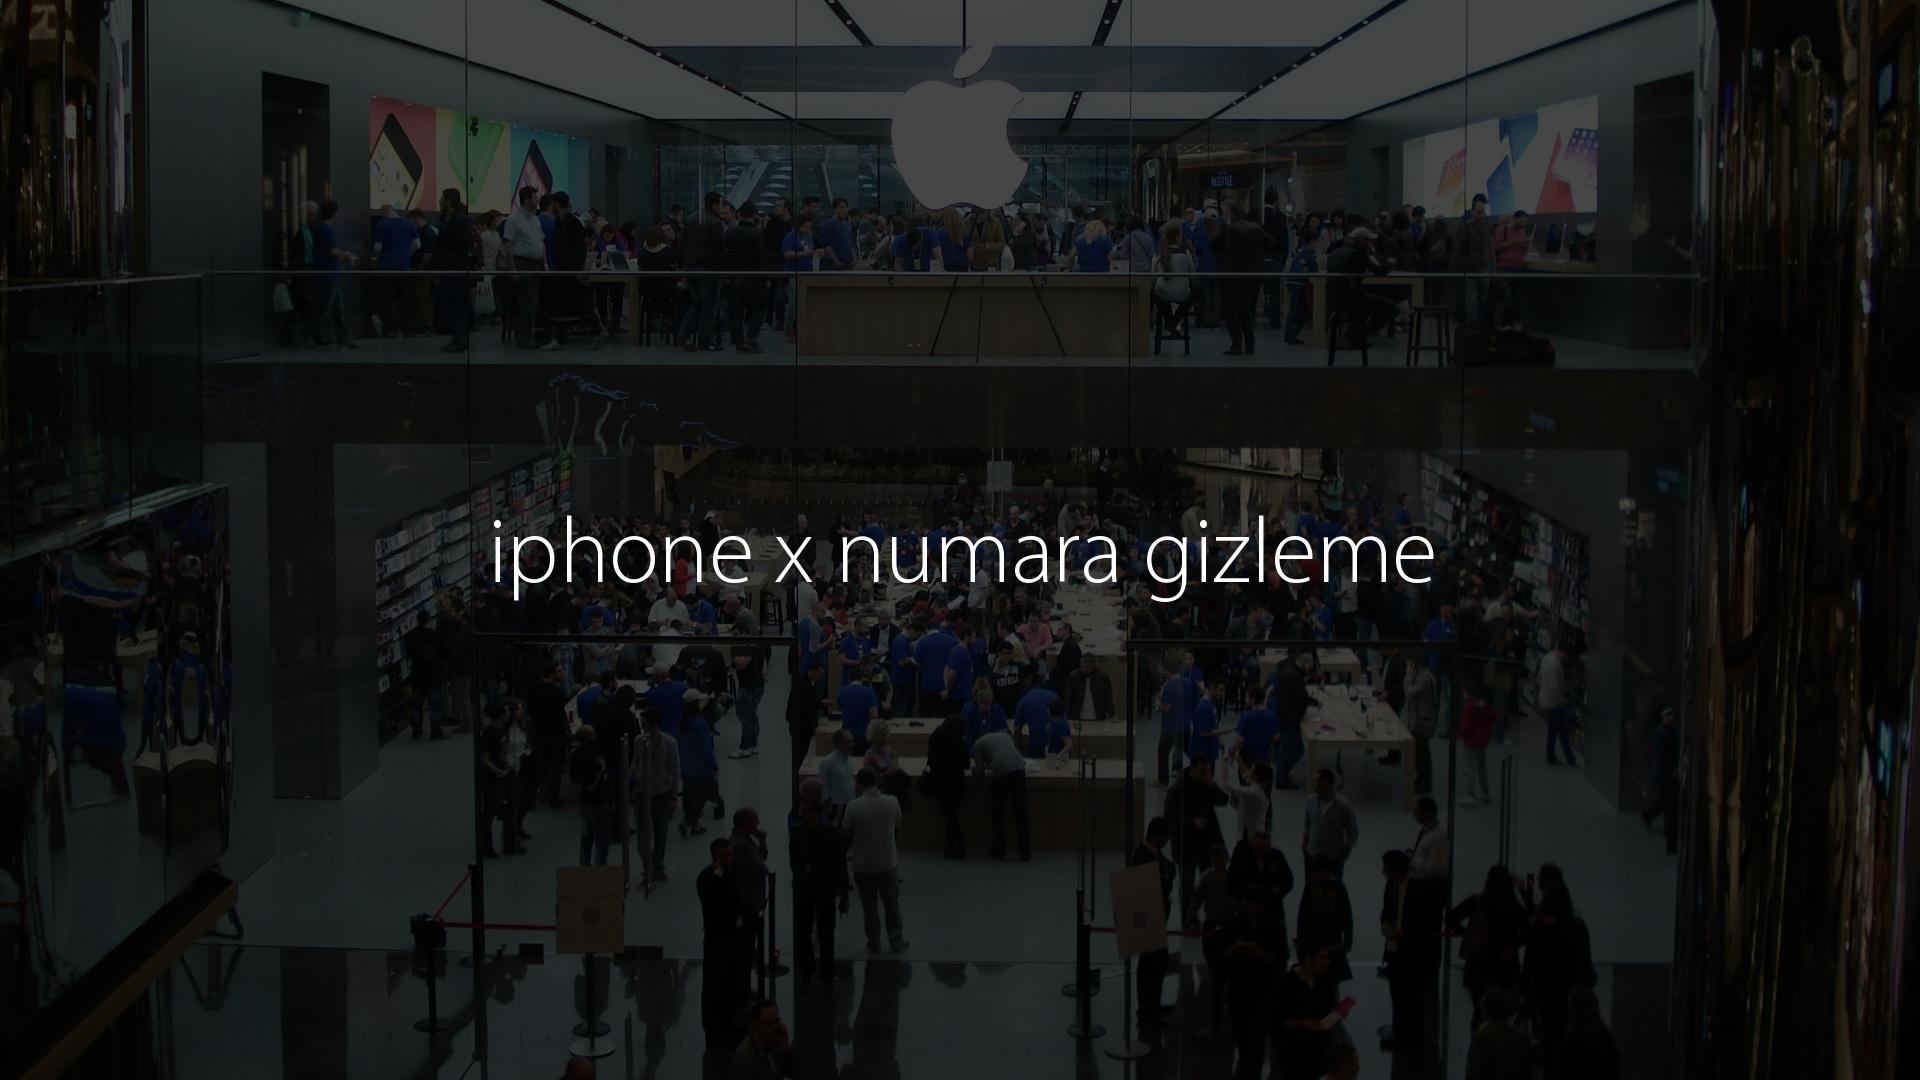 iphone x numara gizleme